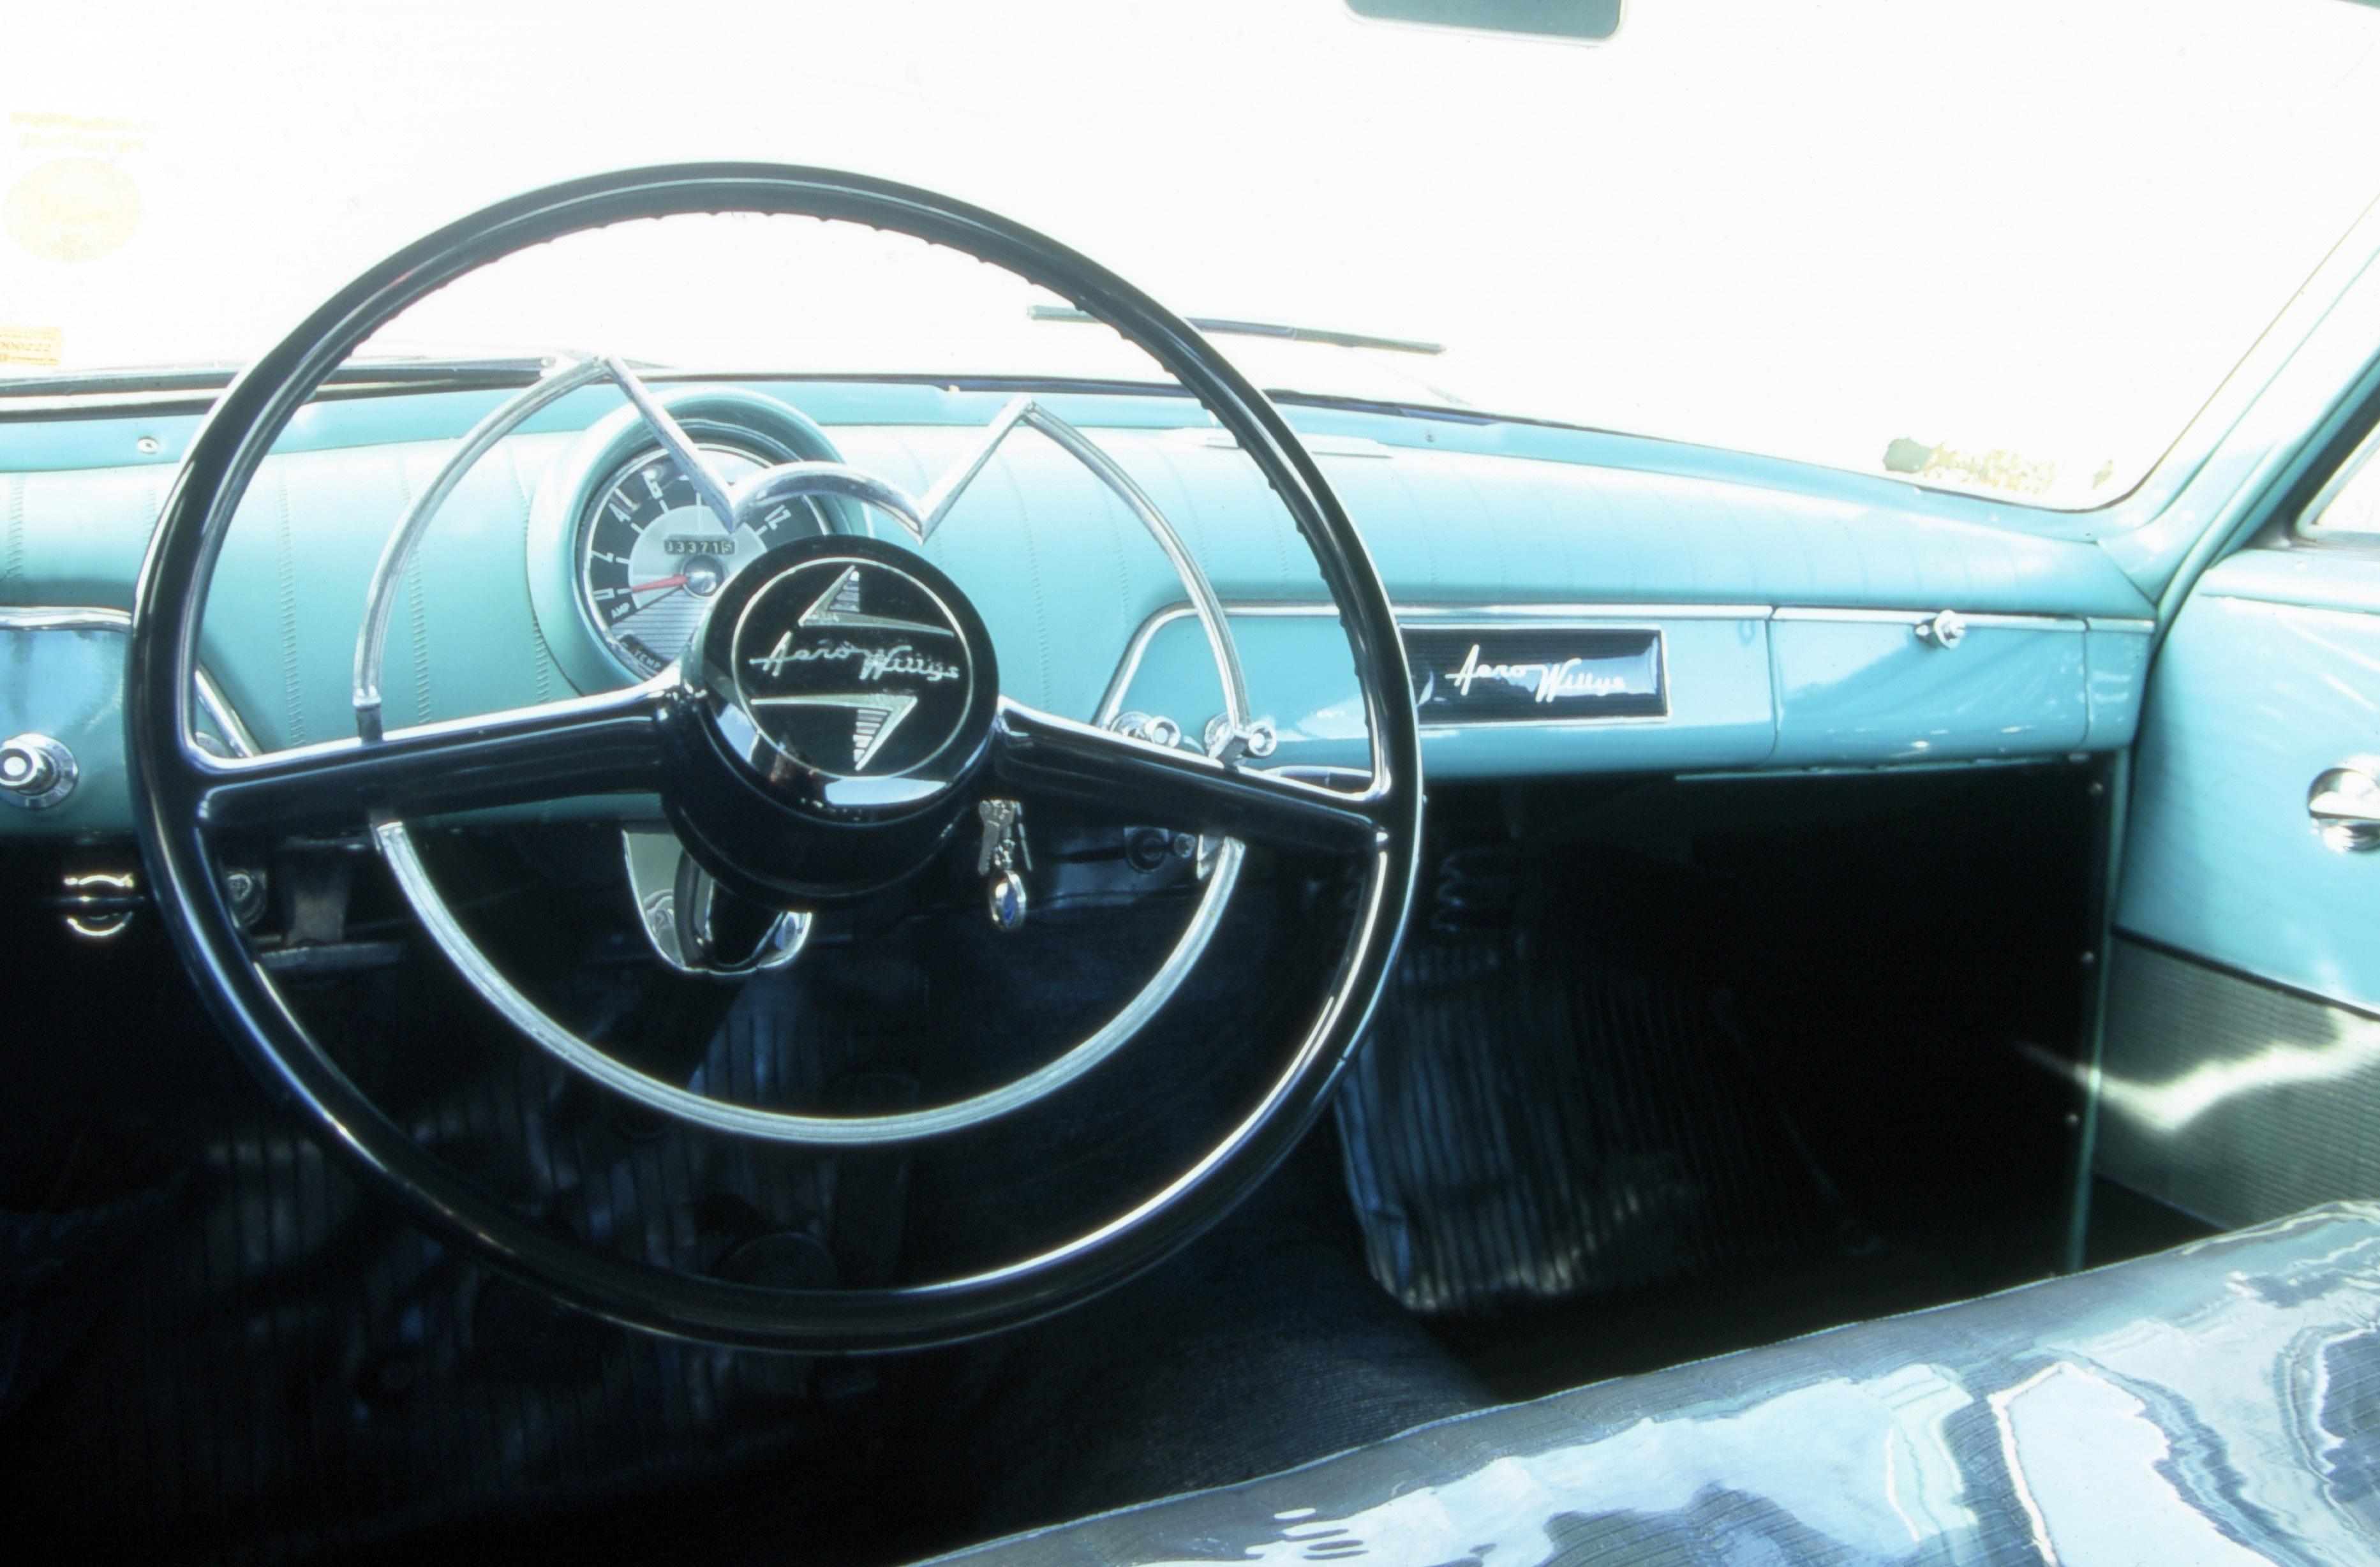 Interior-do-Aero-Willys-2600-da-década-de-60-da-Willys..jpg